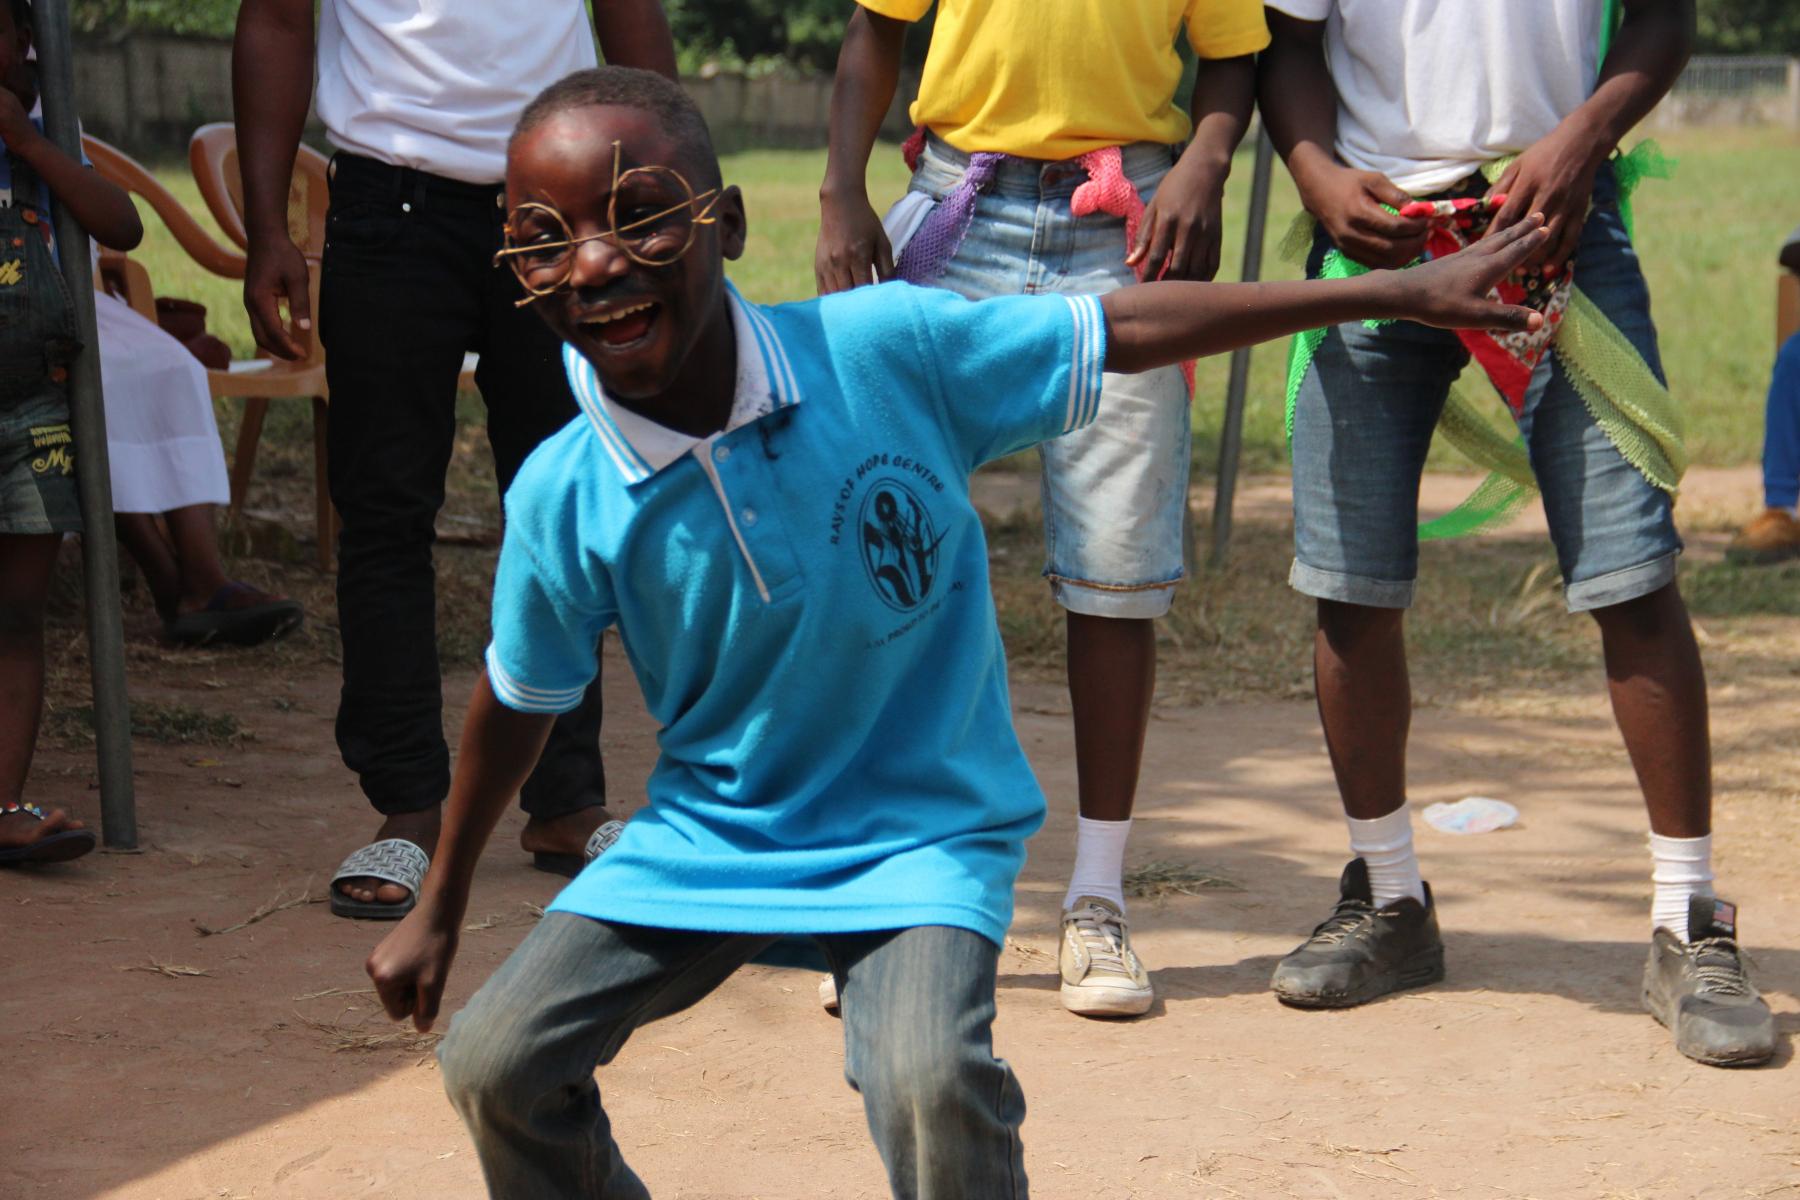 Besonders viel Spaß haben die Kinder und Jugendlichen beim Tanzen